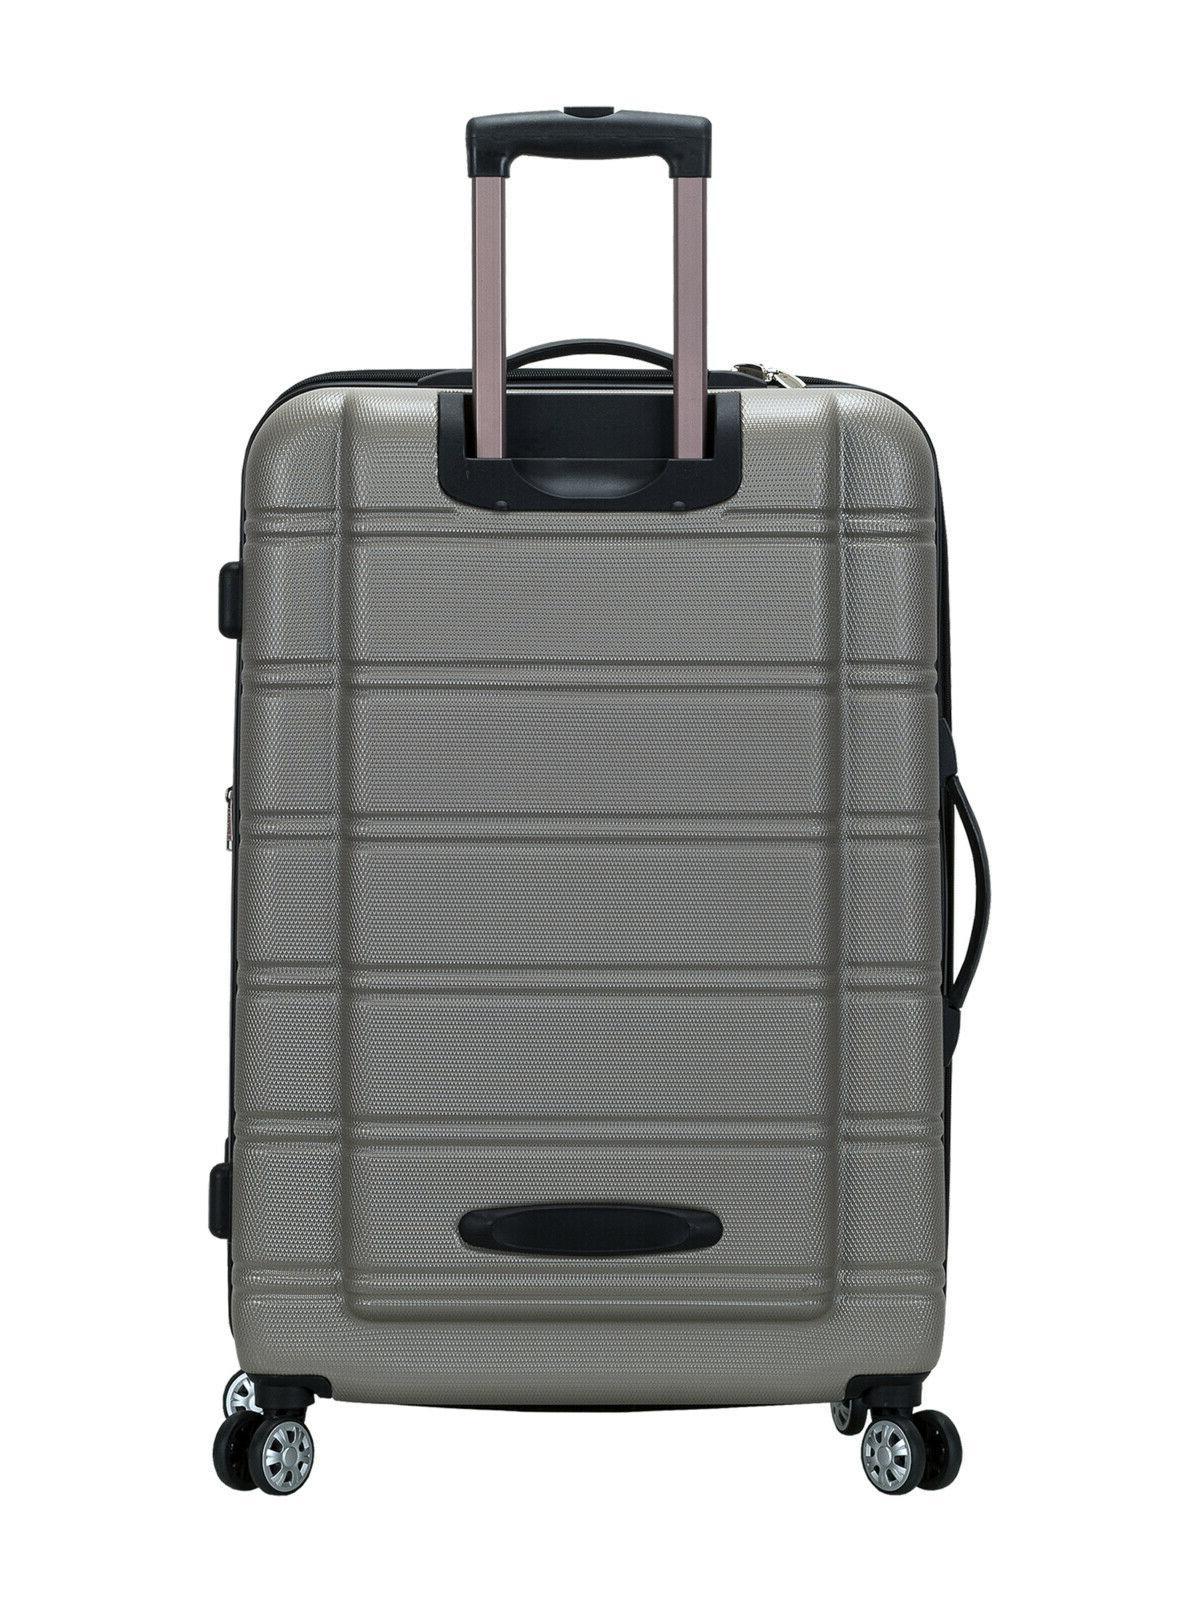 luggage melbourne 3 piece hardside luggage set